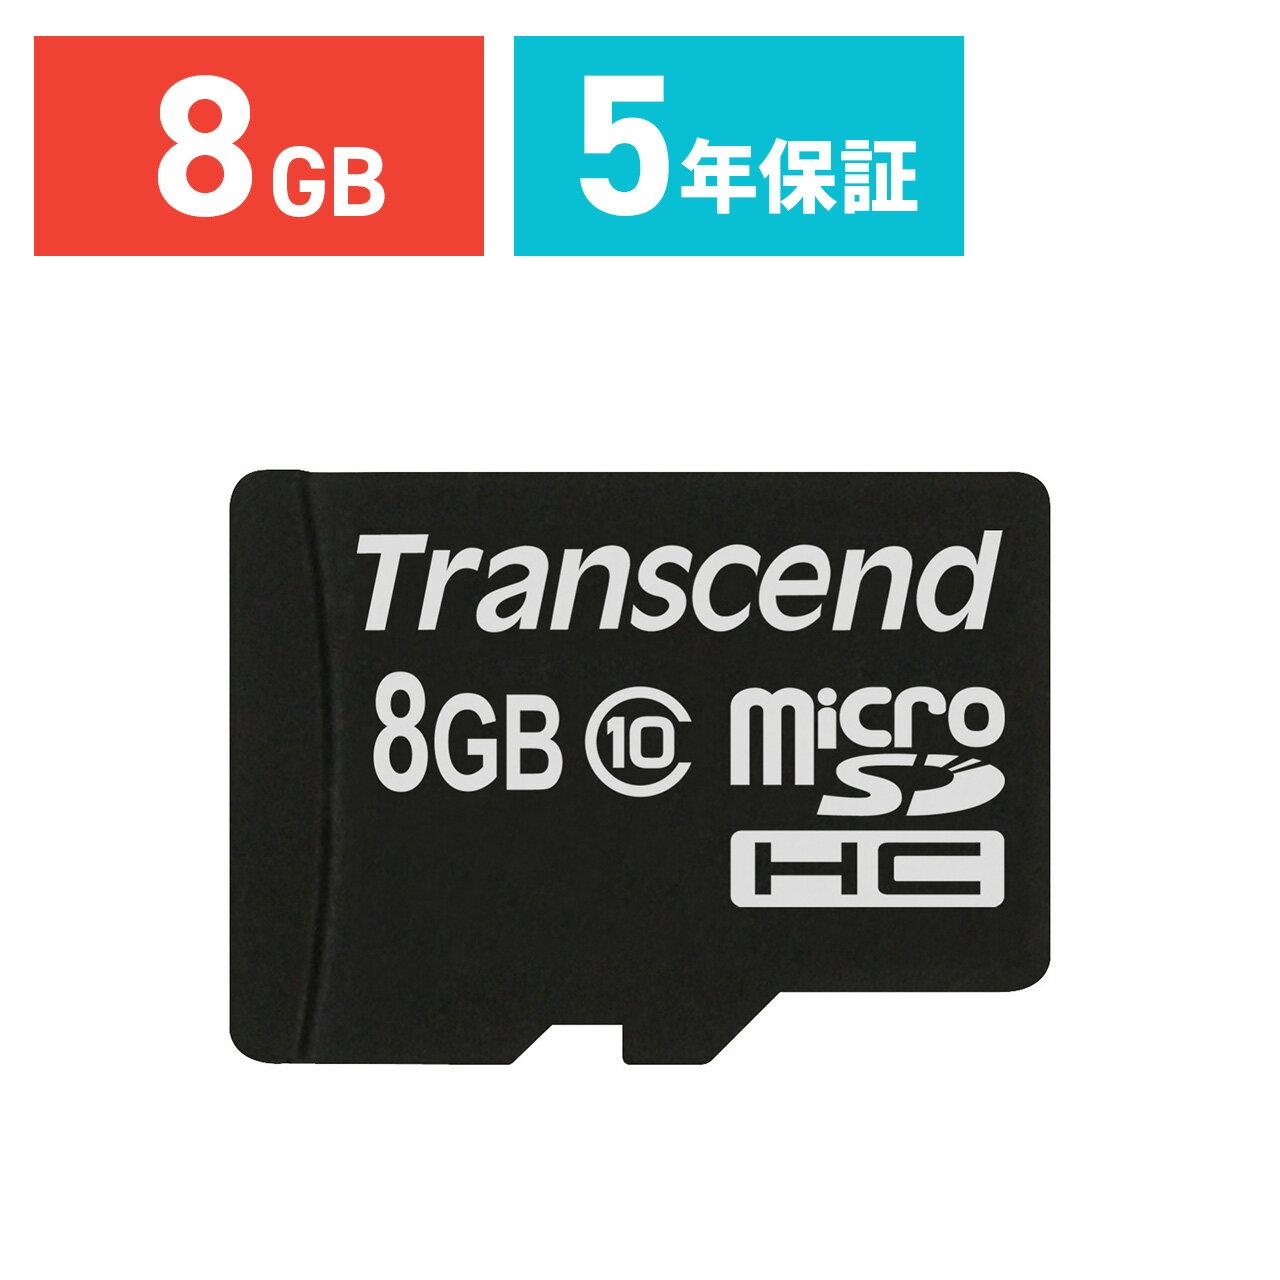 【4月25日値下げしました】Transcend microSDカード 8GB Class10 5年保証 マイクロSD microSDHC クラス10 スマホ SD 入学 卒業[TS8GUSDC10]【ネコポス対応】【楽天BOX受取対象商品】